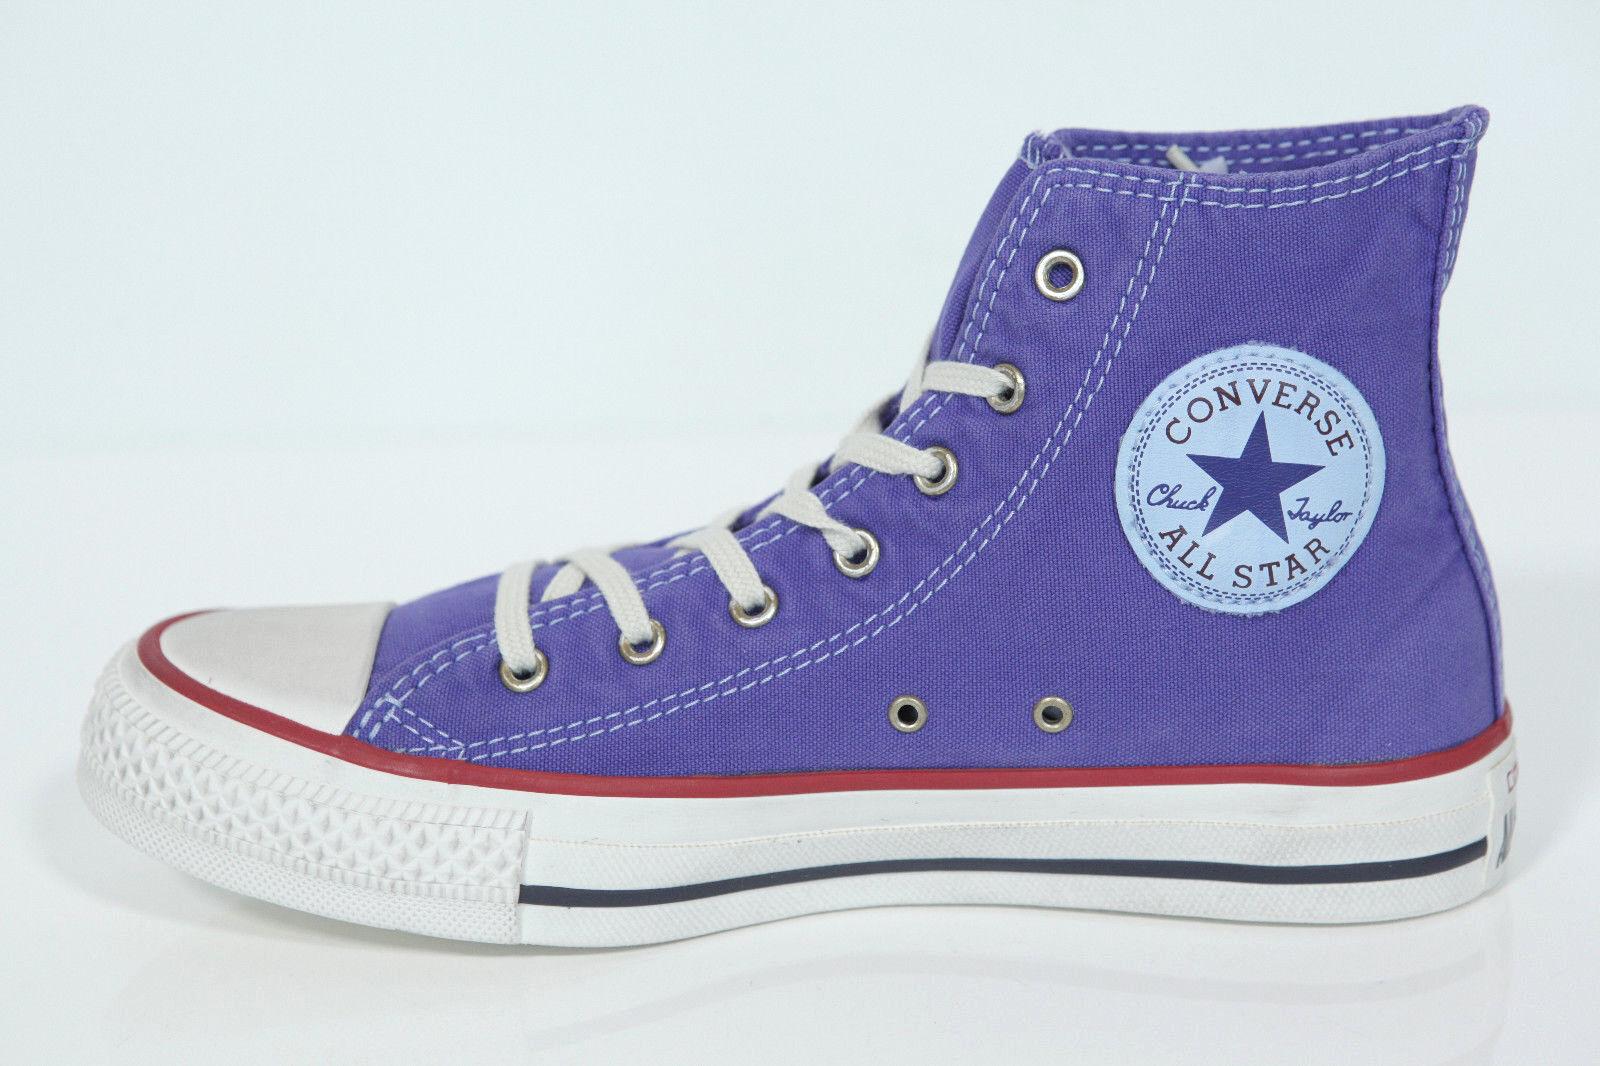 Nuevas que Converse estrellas todas tiradas Hi 142629c lavar lavar lavar zapatillas tamaño 37 Reino Unido 4.5 retro  70% de descuento